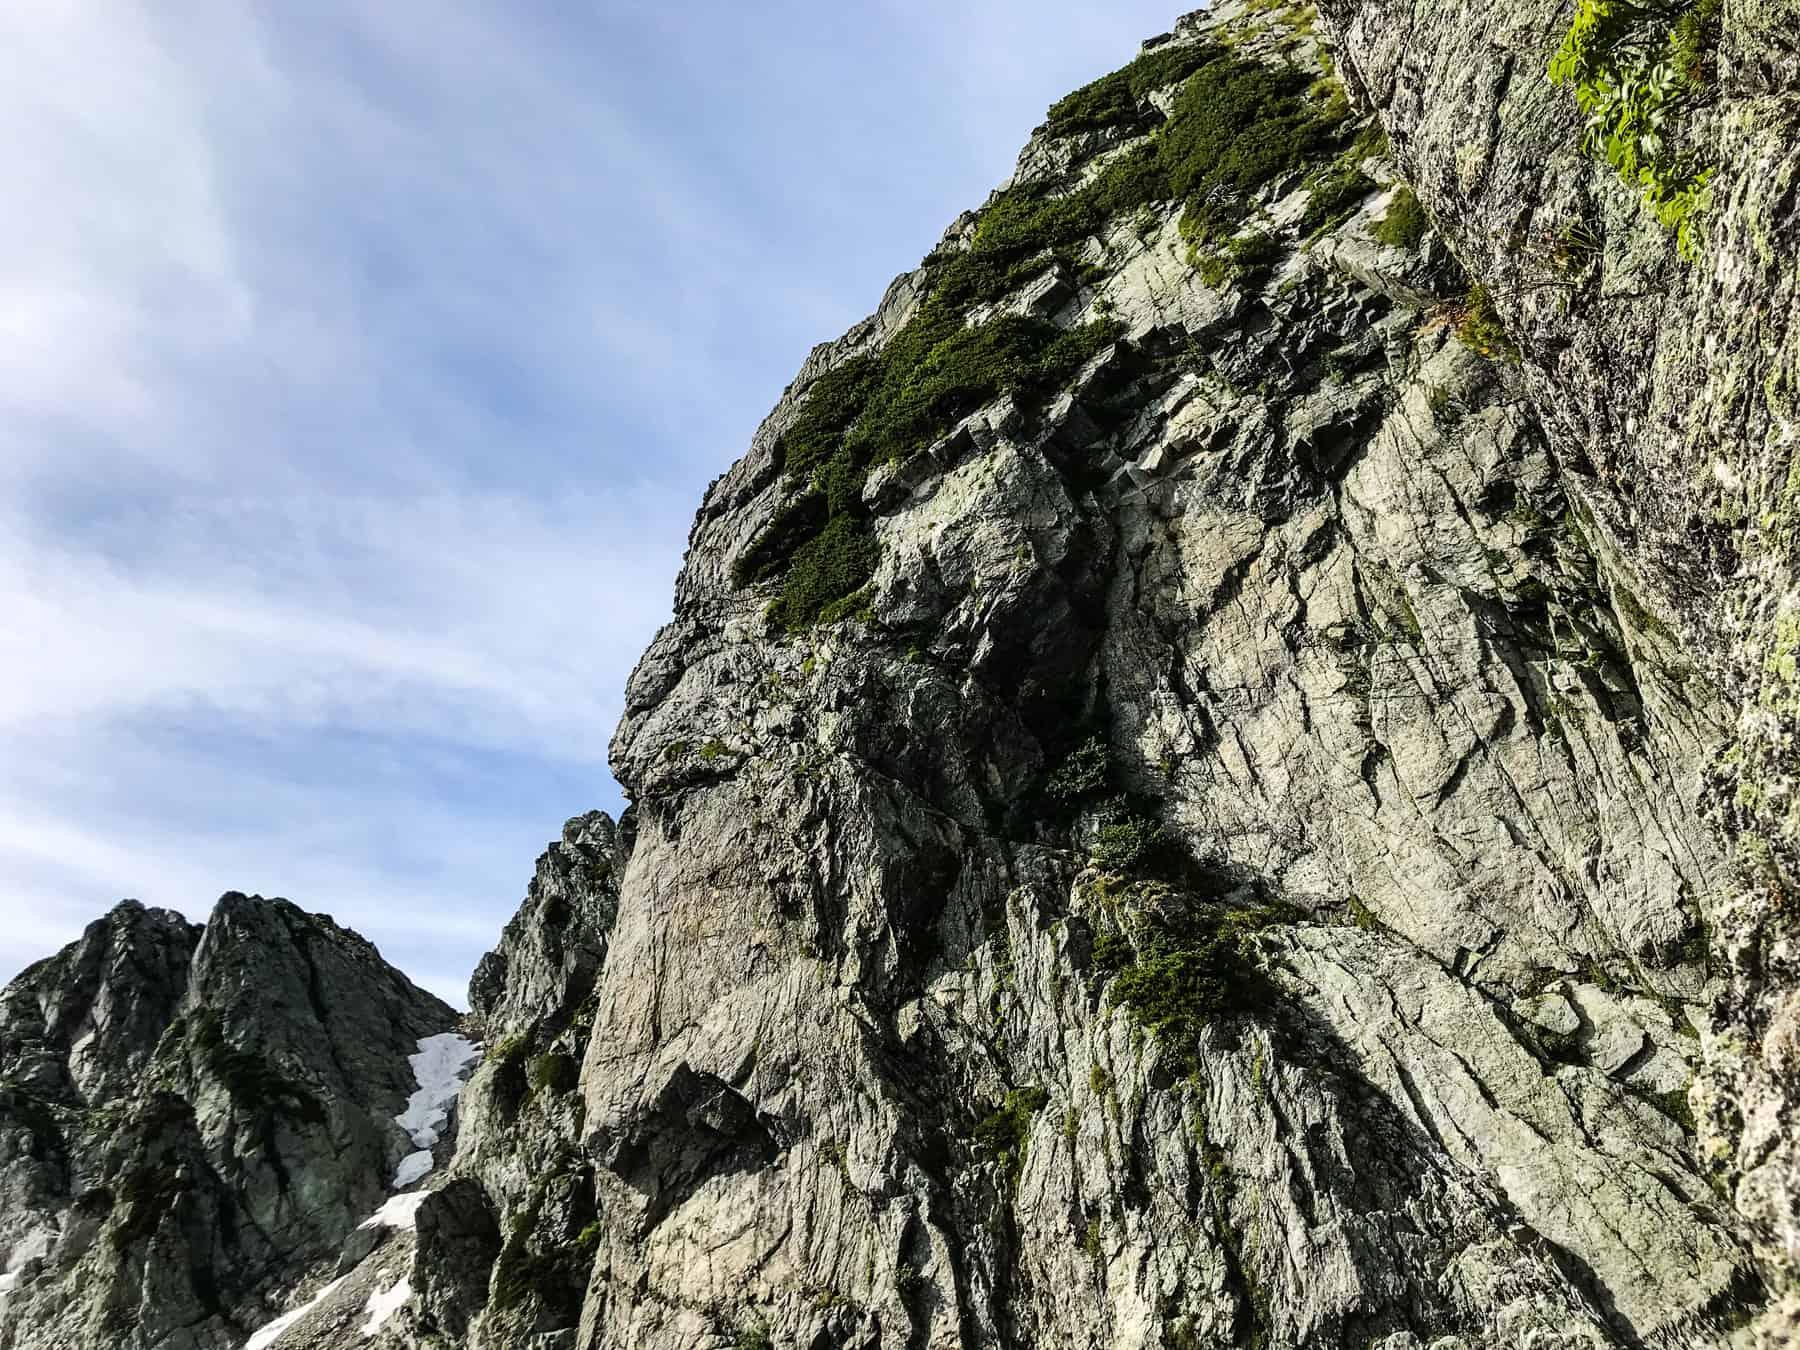 Field Report: Mount Tsurugi IMG_0898